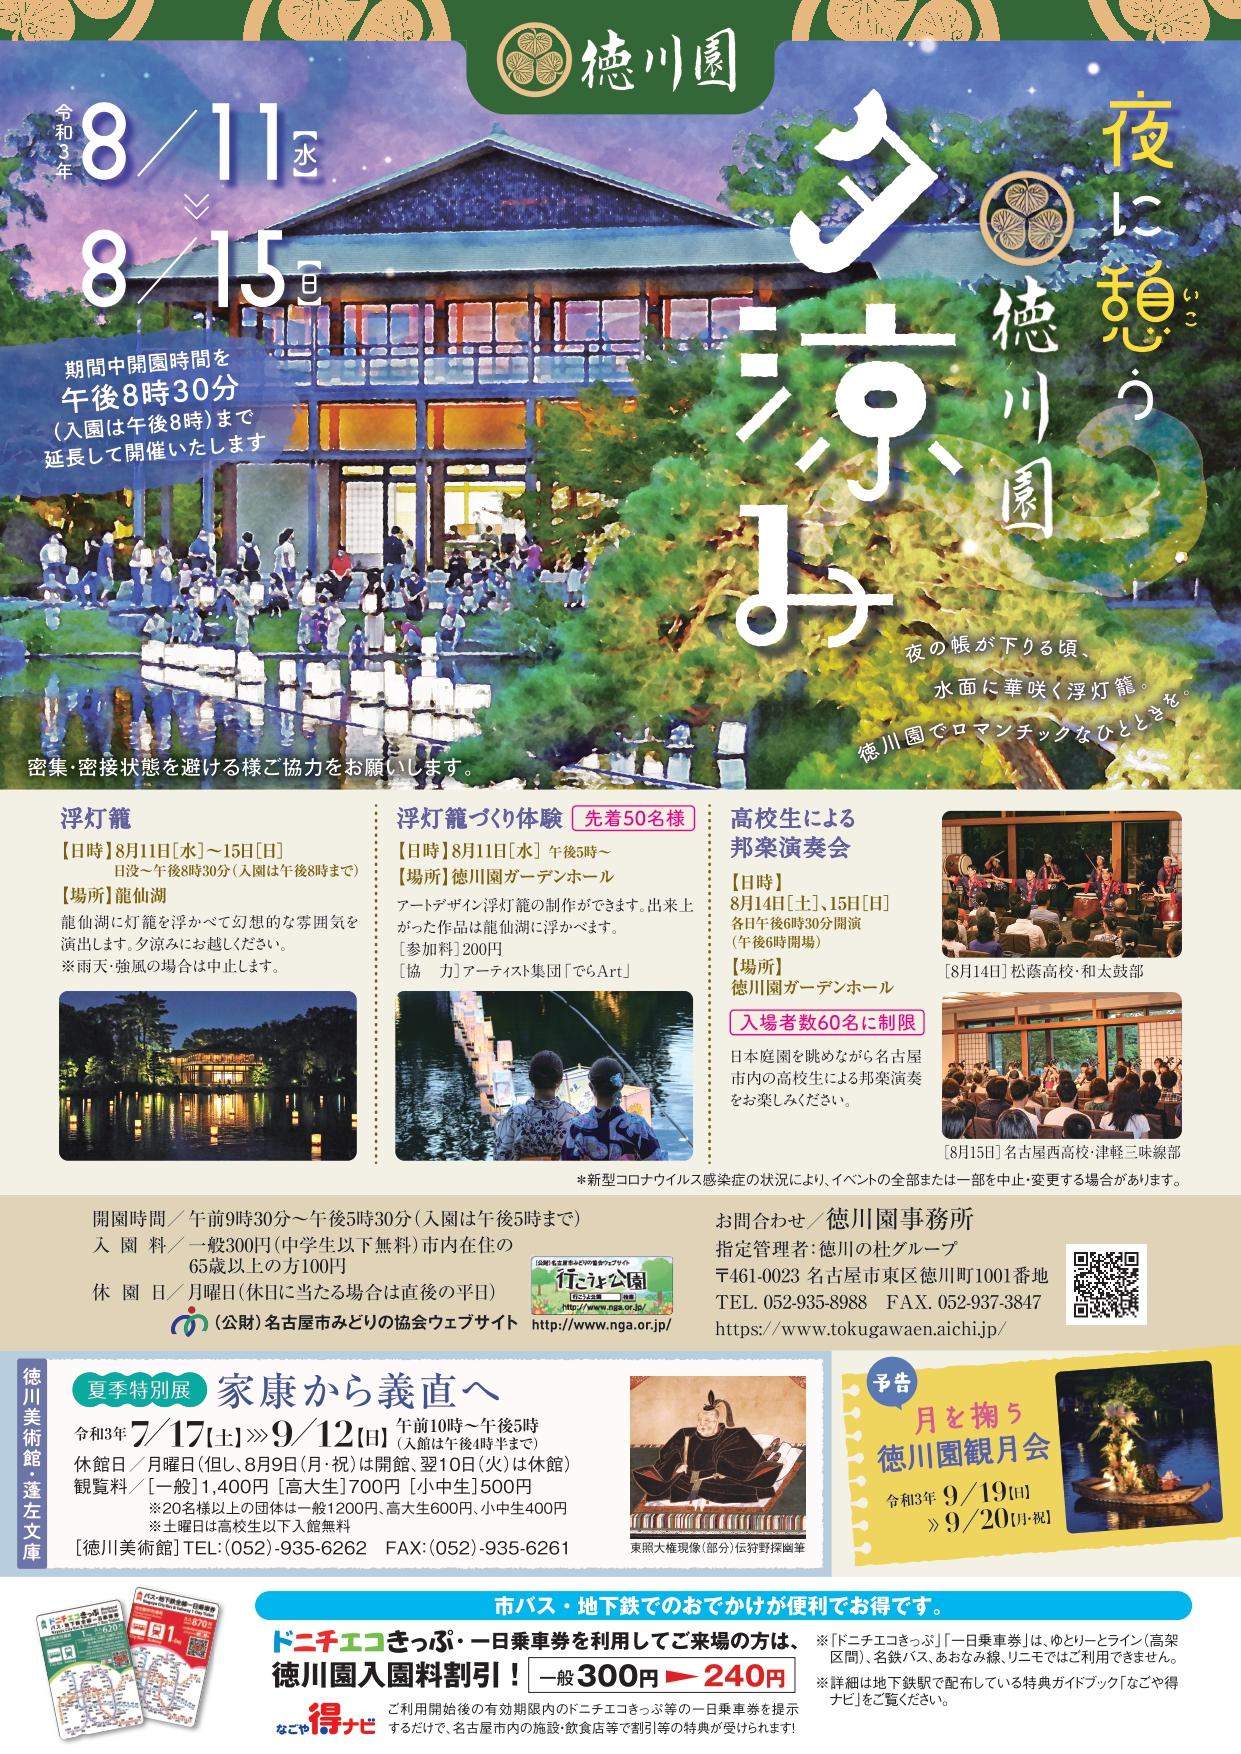 8/11-15『夜に憩う 徳川園の夕涼み』